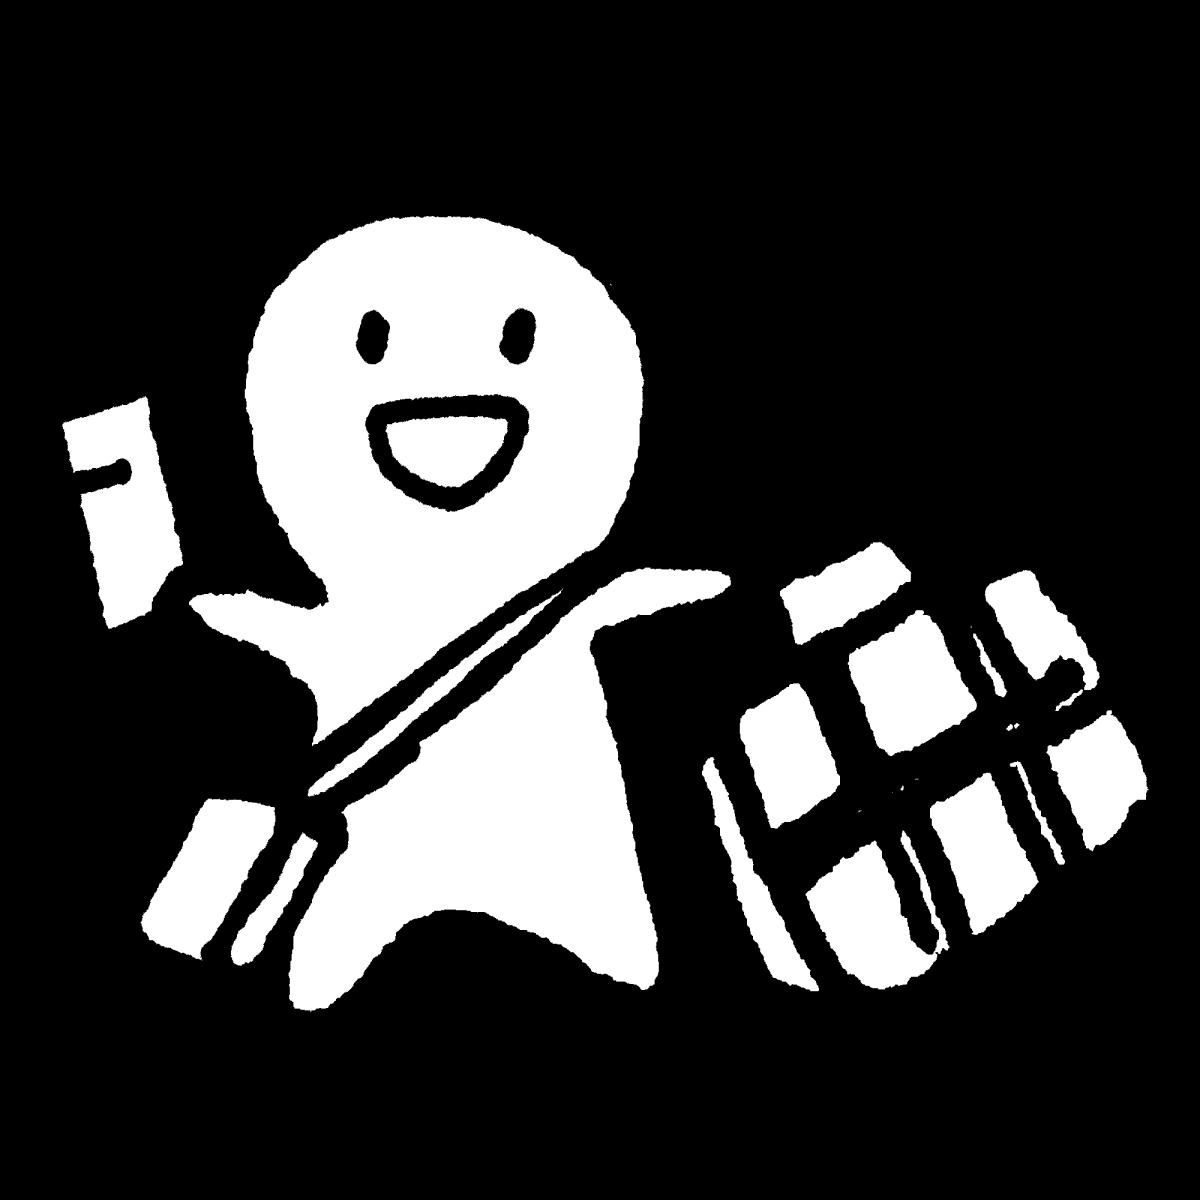 チケットと旅行かばんで出発のイラスト Ticket & travel bag  Illustration